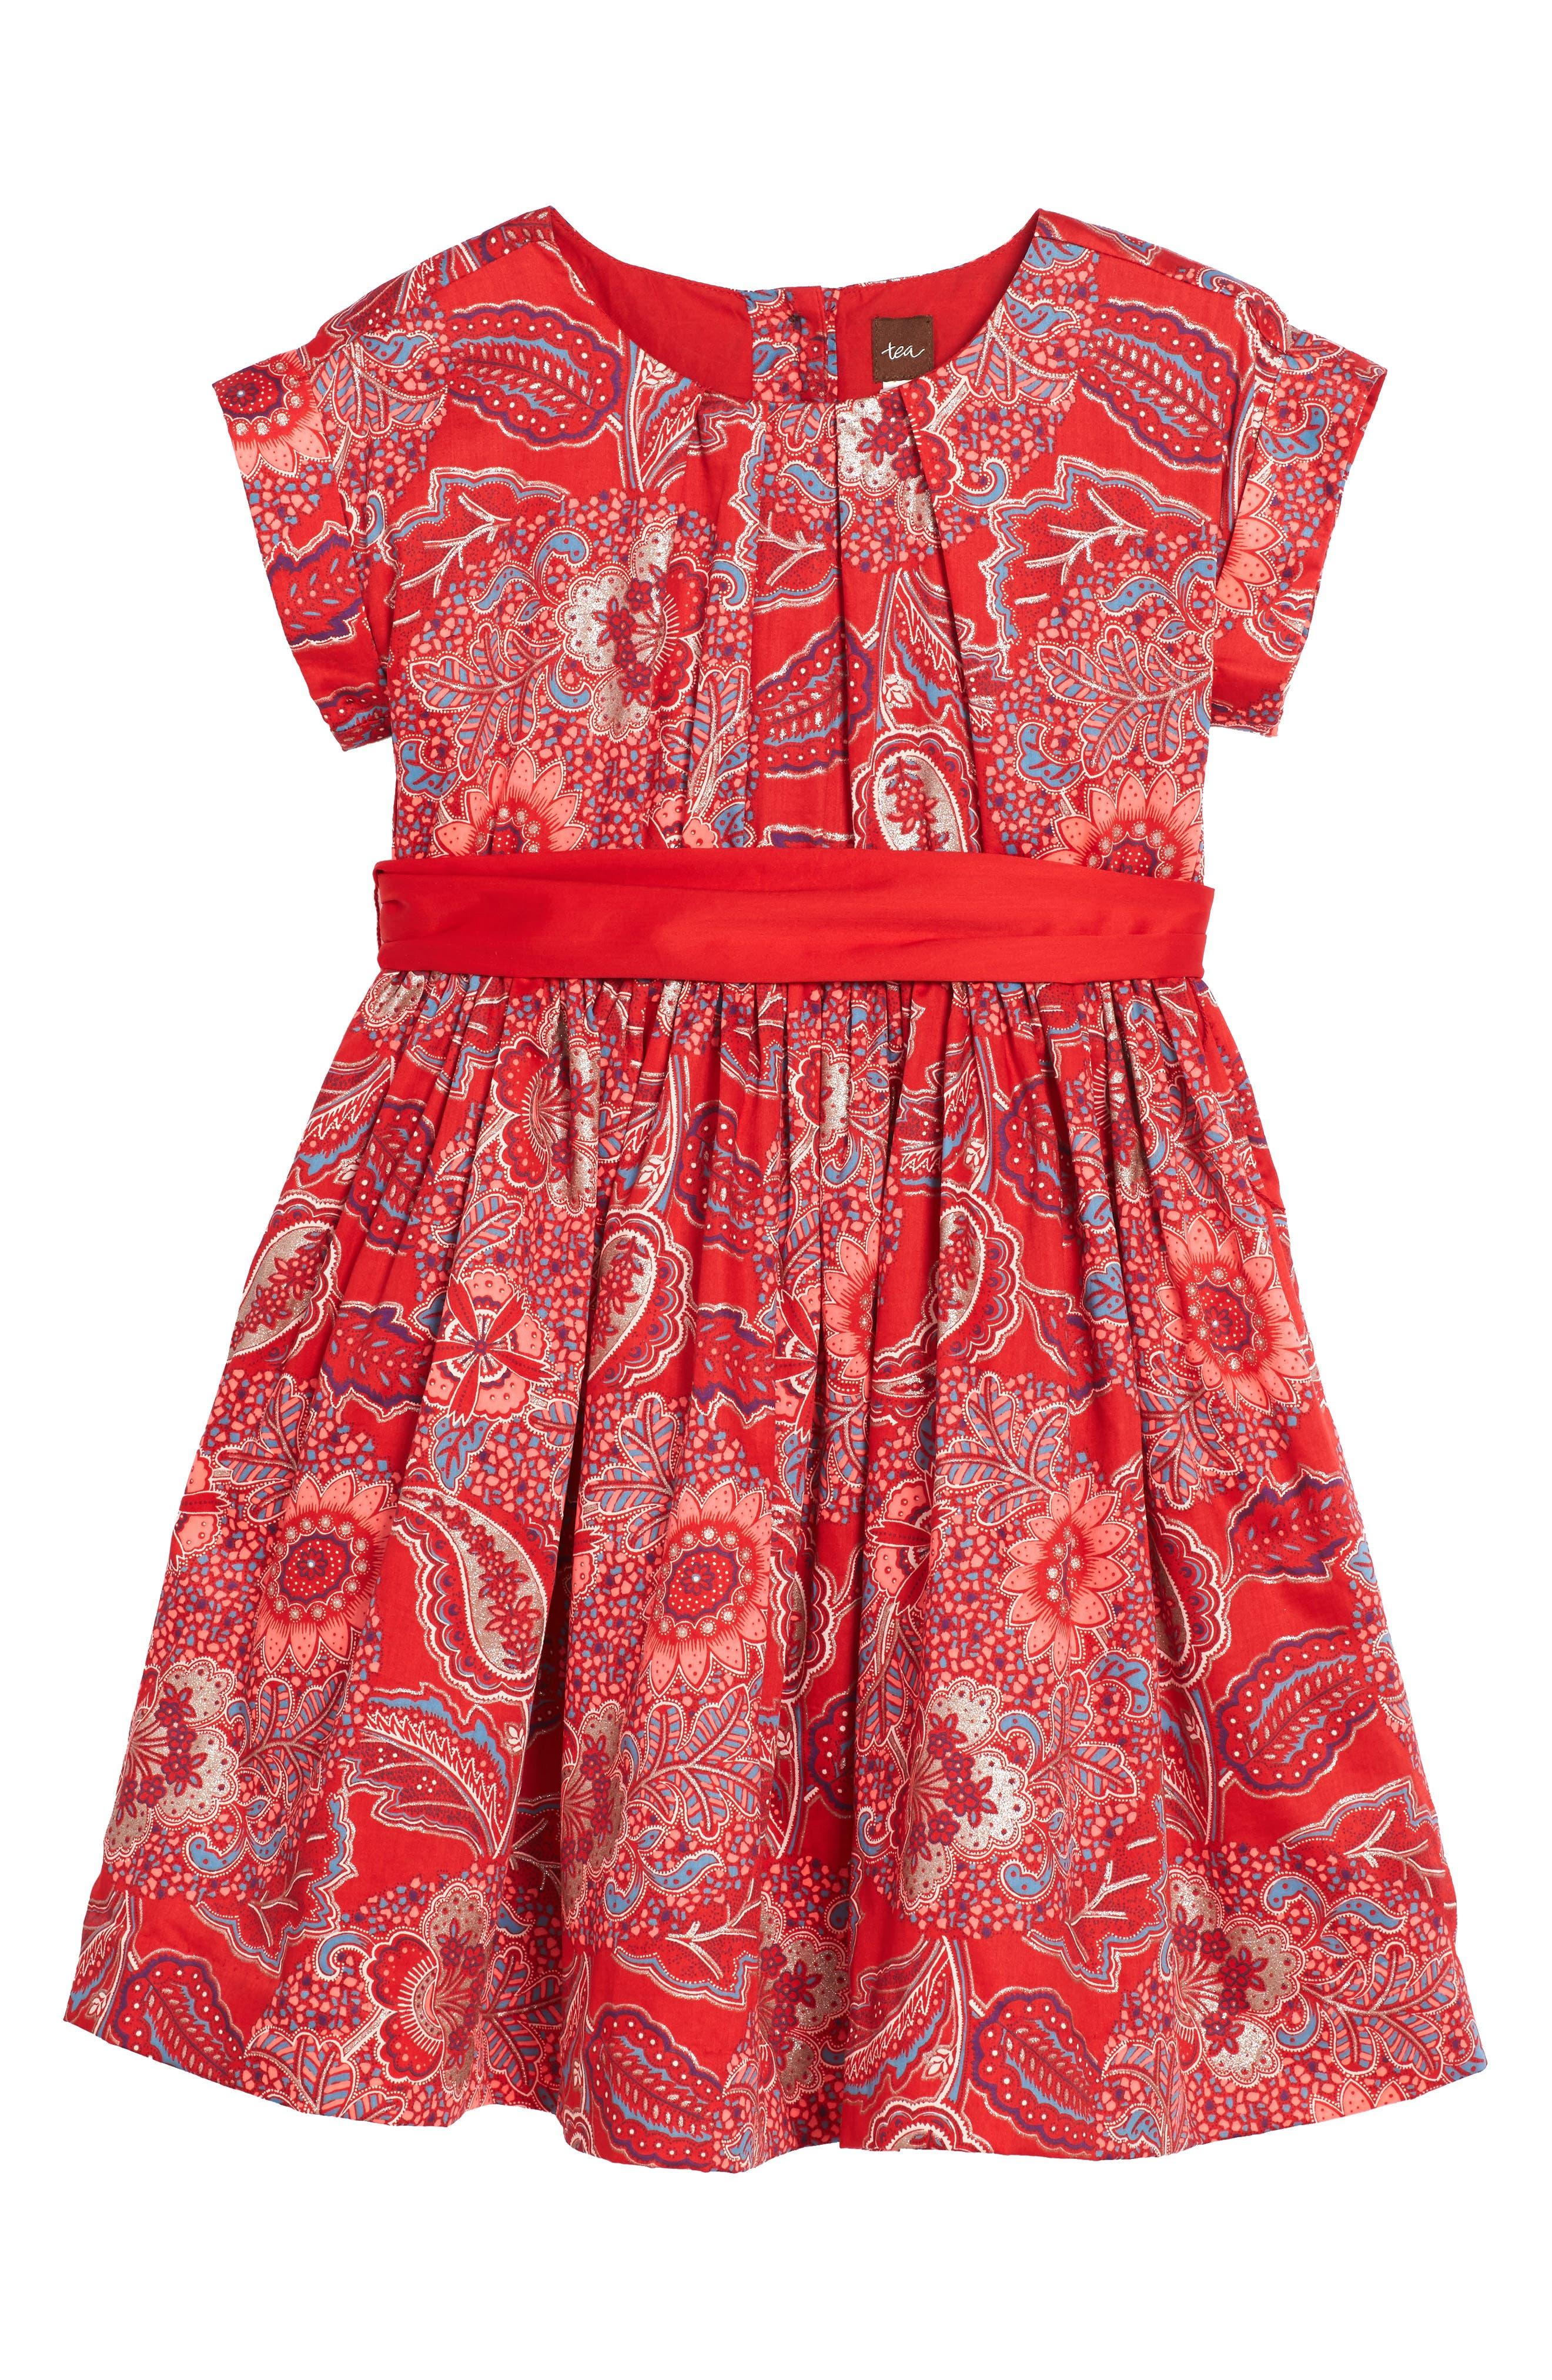 Main Image - Tea Collection Adaira Sash Dress (Toddler Girls, Little Girls & Big Girls)